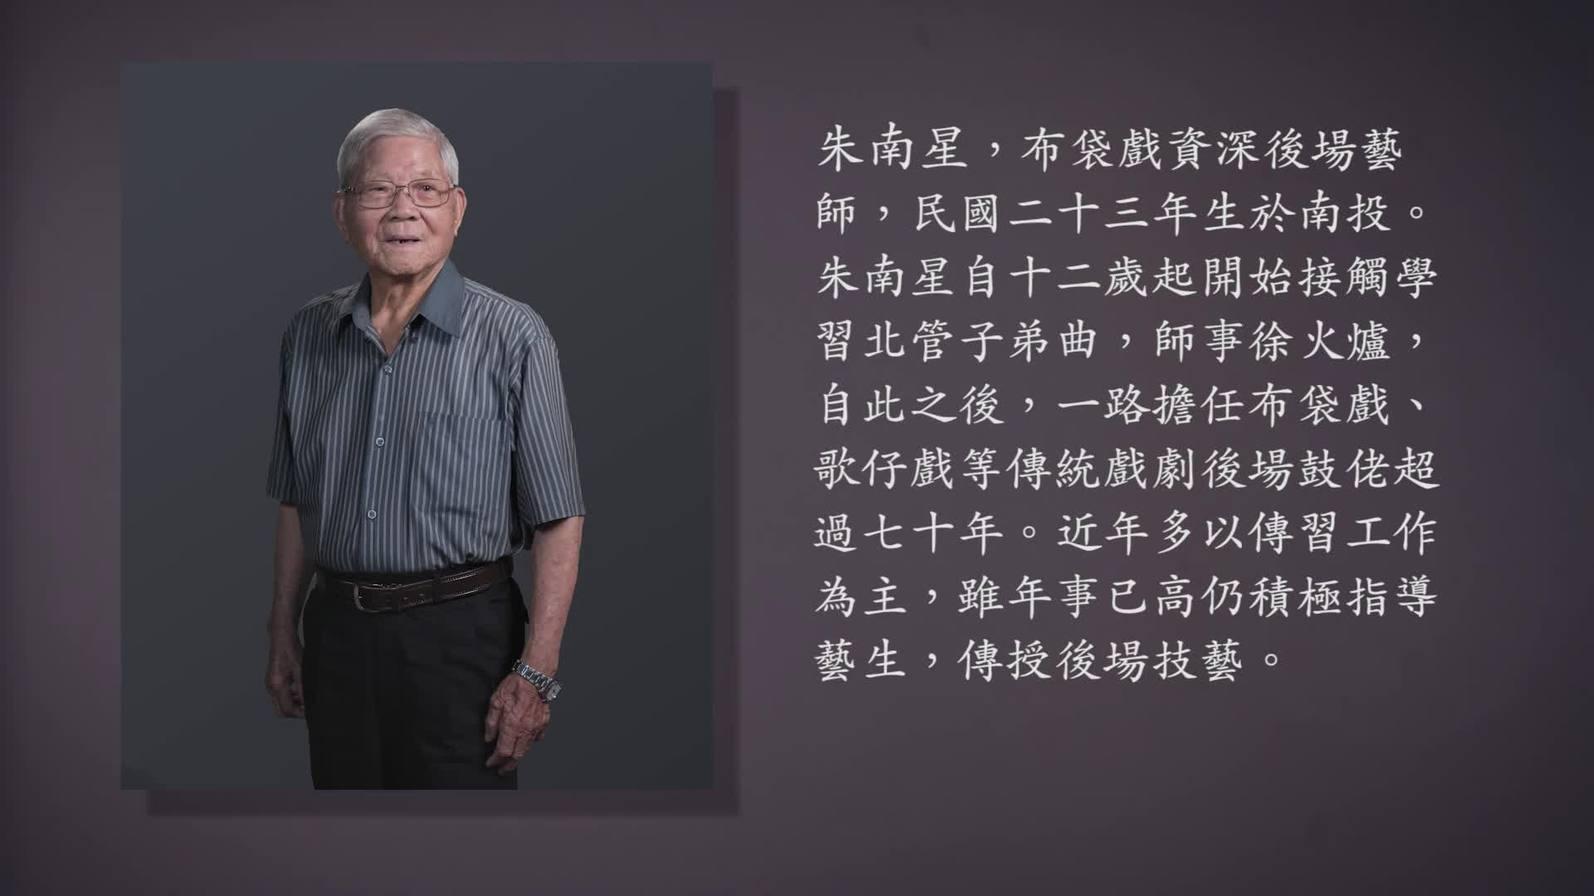 技藝.記憶-傳統藝術藝人口述歷史影像紀錄計畫-朱南星精華片段